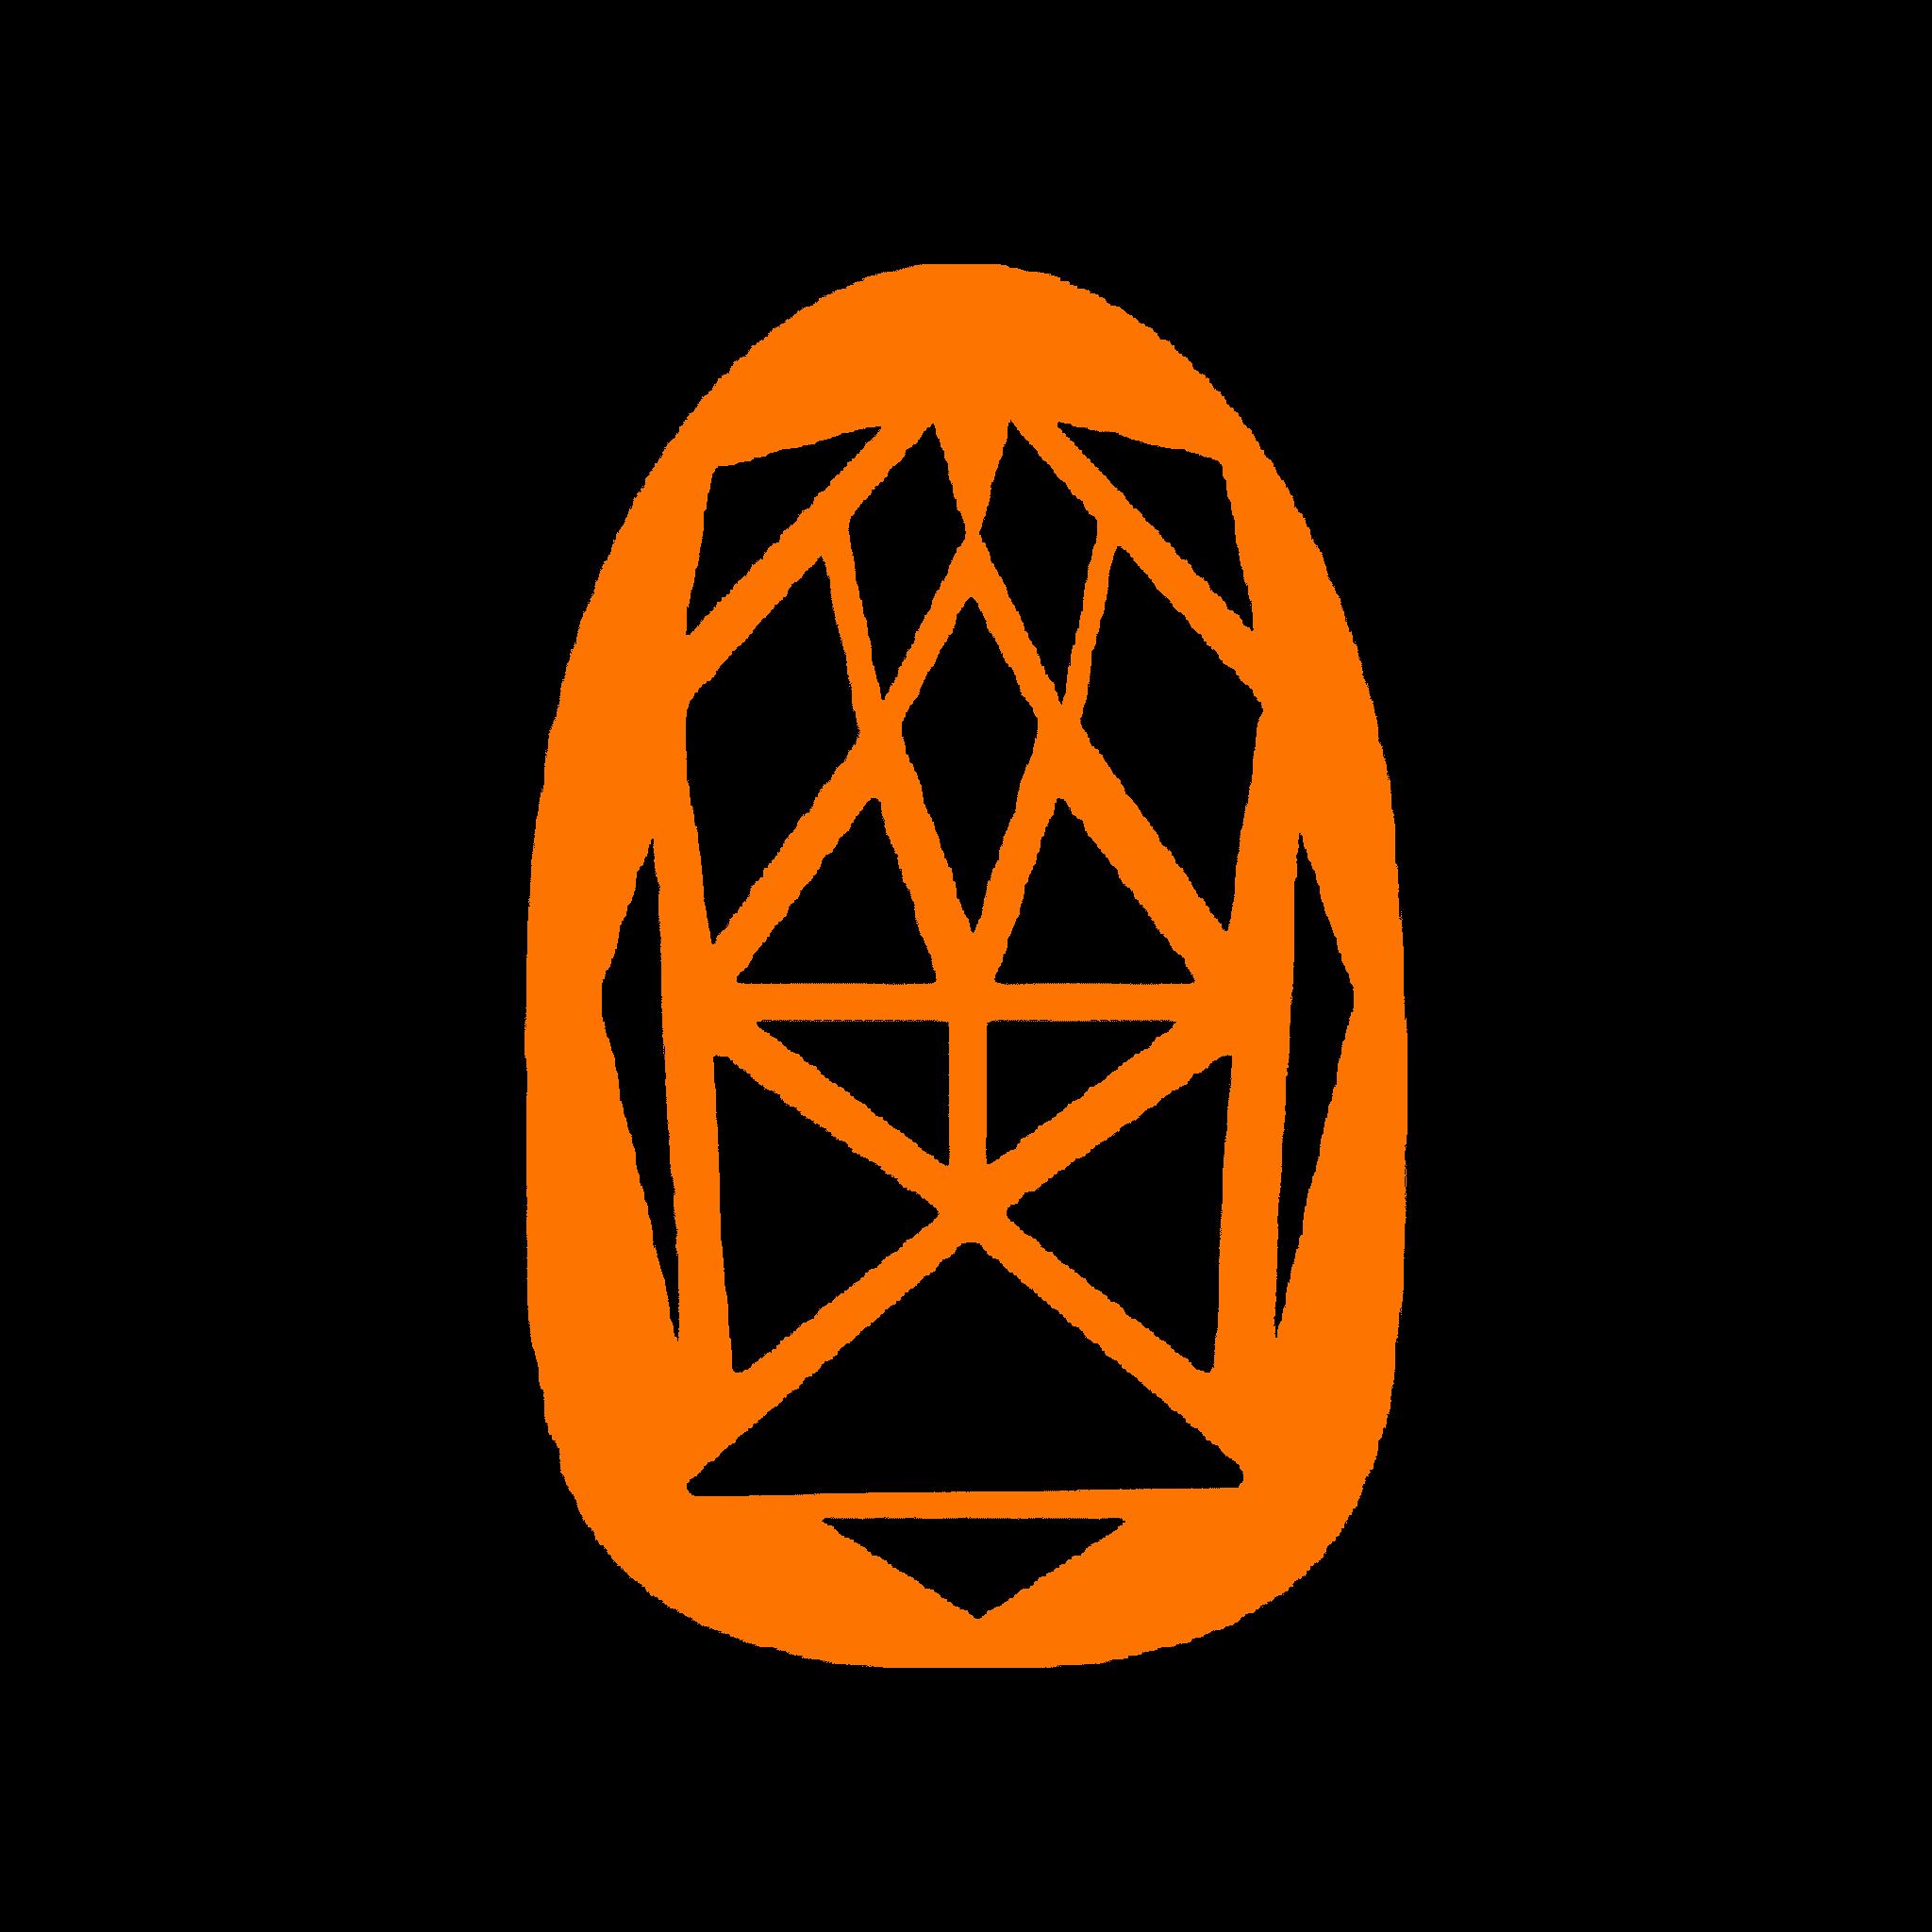 #KX Nail Emblem